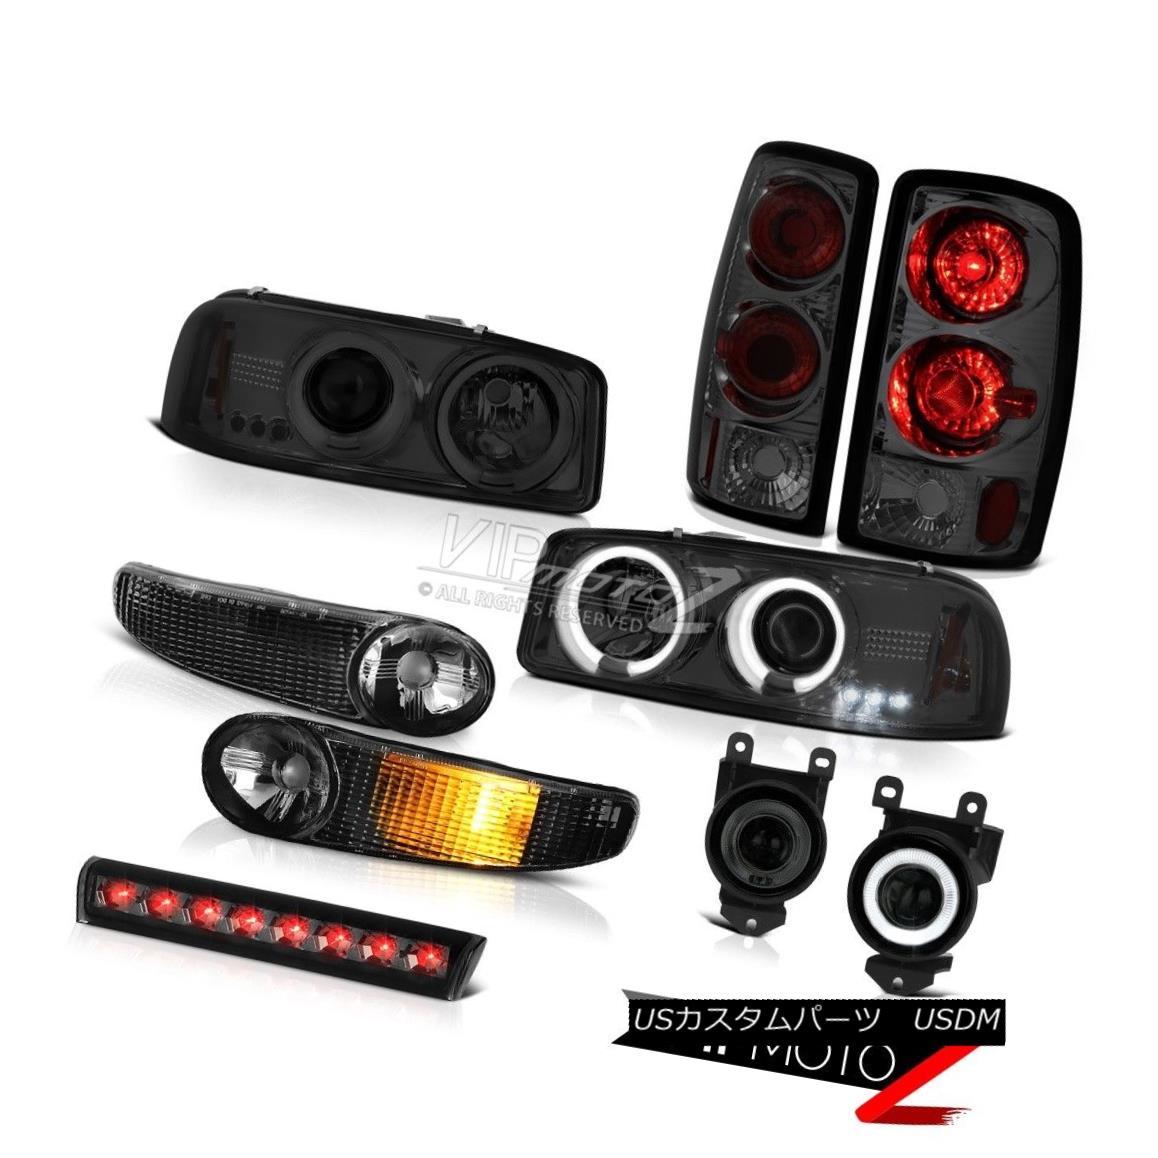 テールライト Halo Headlight Black Bumper Rear Light Foglight 3rd Brake LED 01-06 Yukon Denali HaloヘッドライトブラックバンパーリアライトFoglight 3rdブレーキLED 01-06ユーコンデナリ